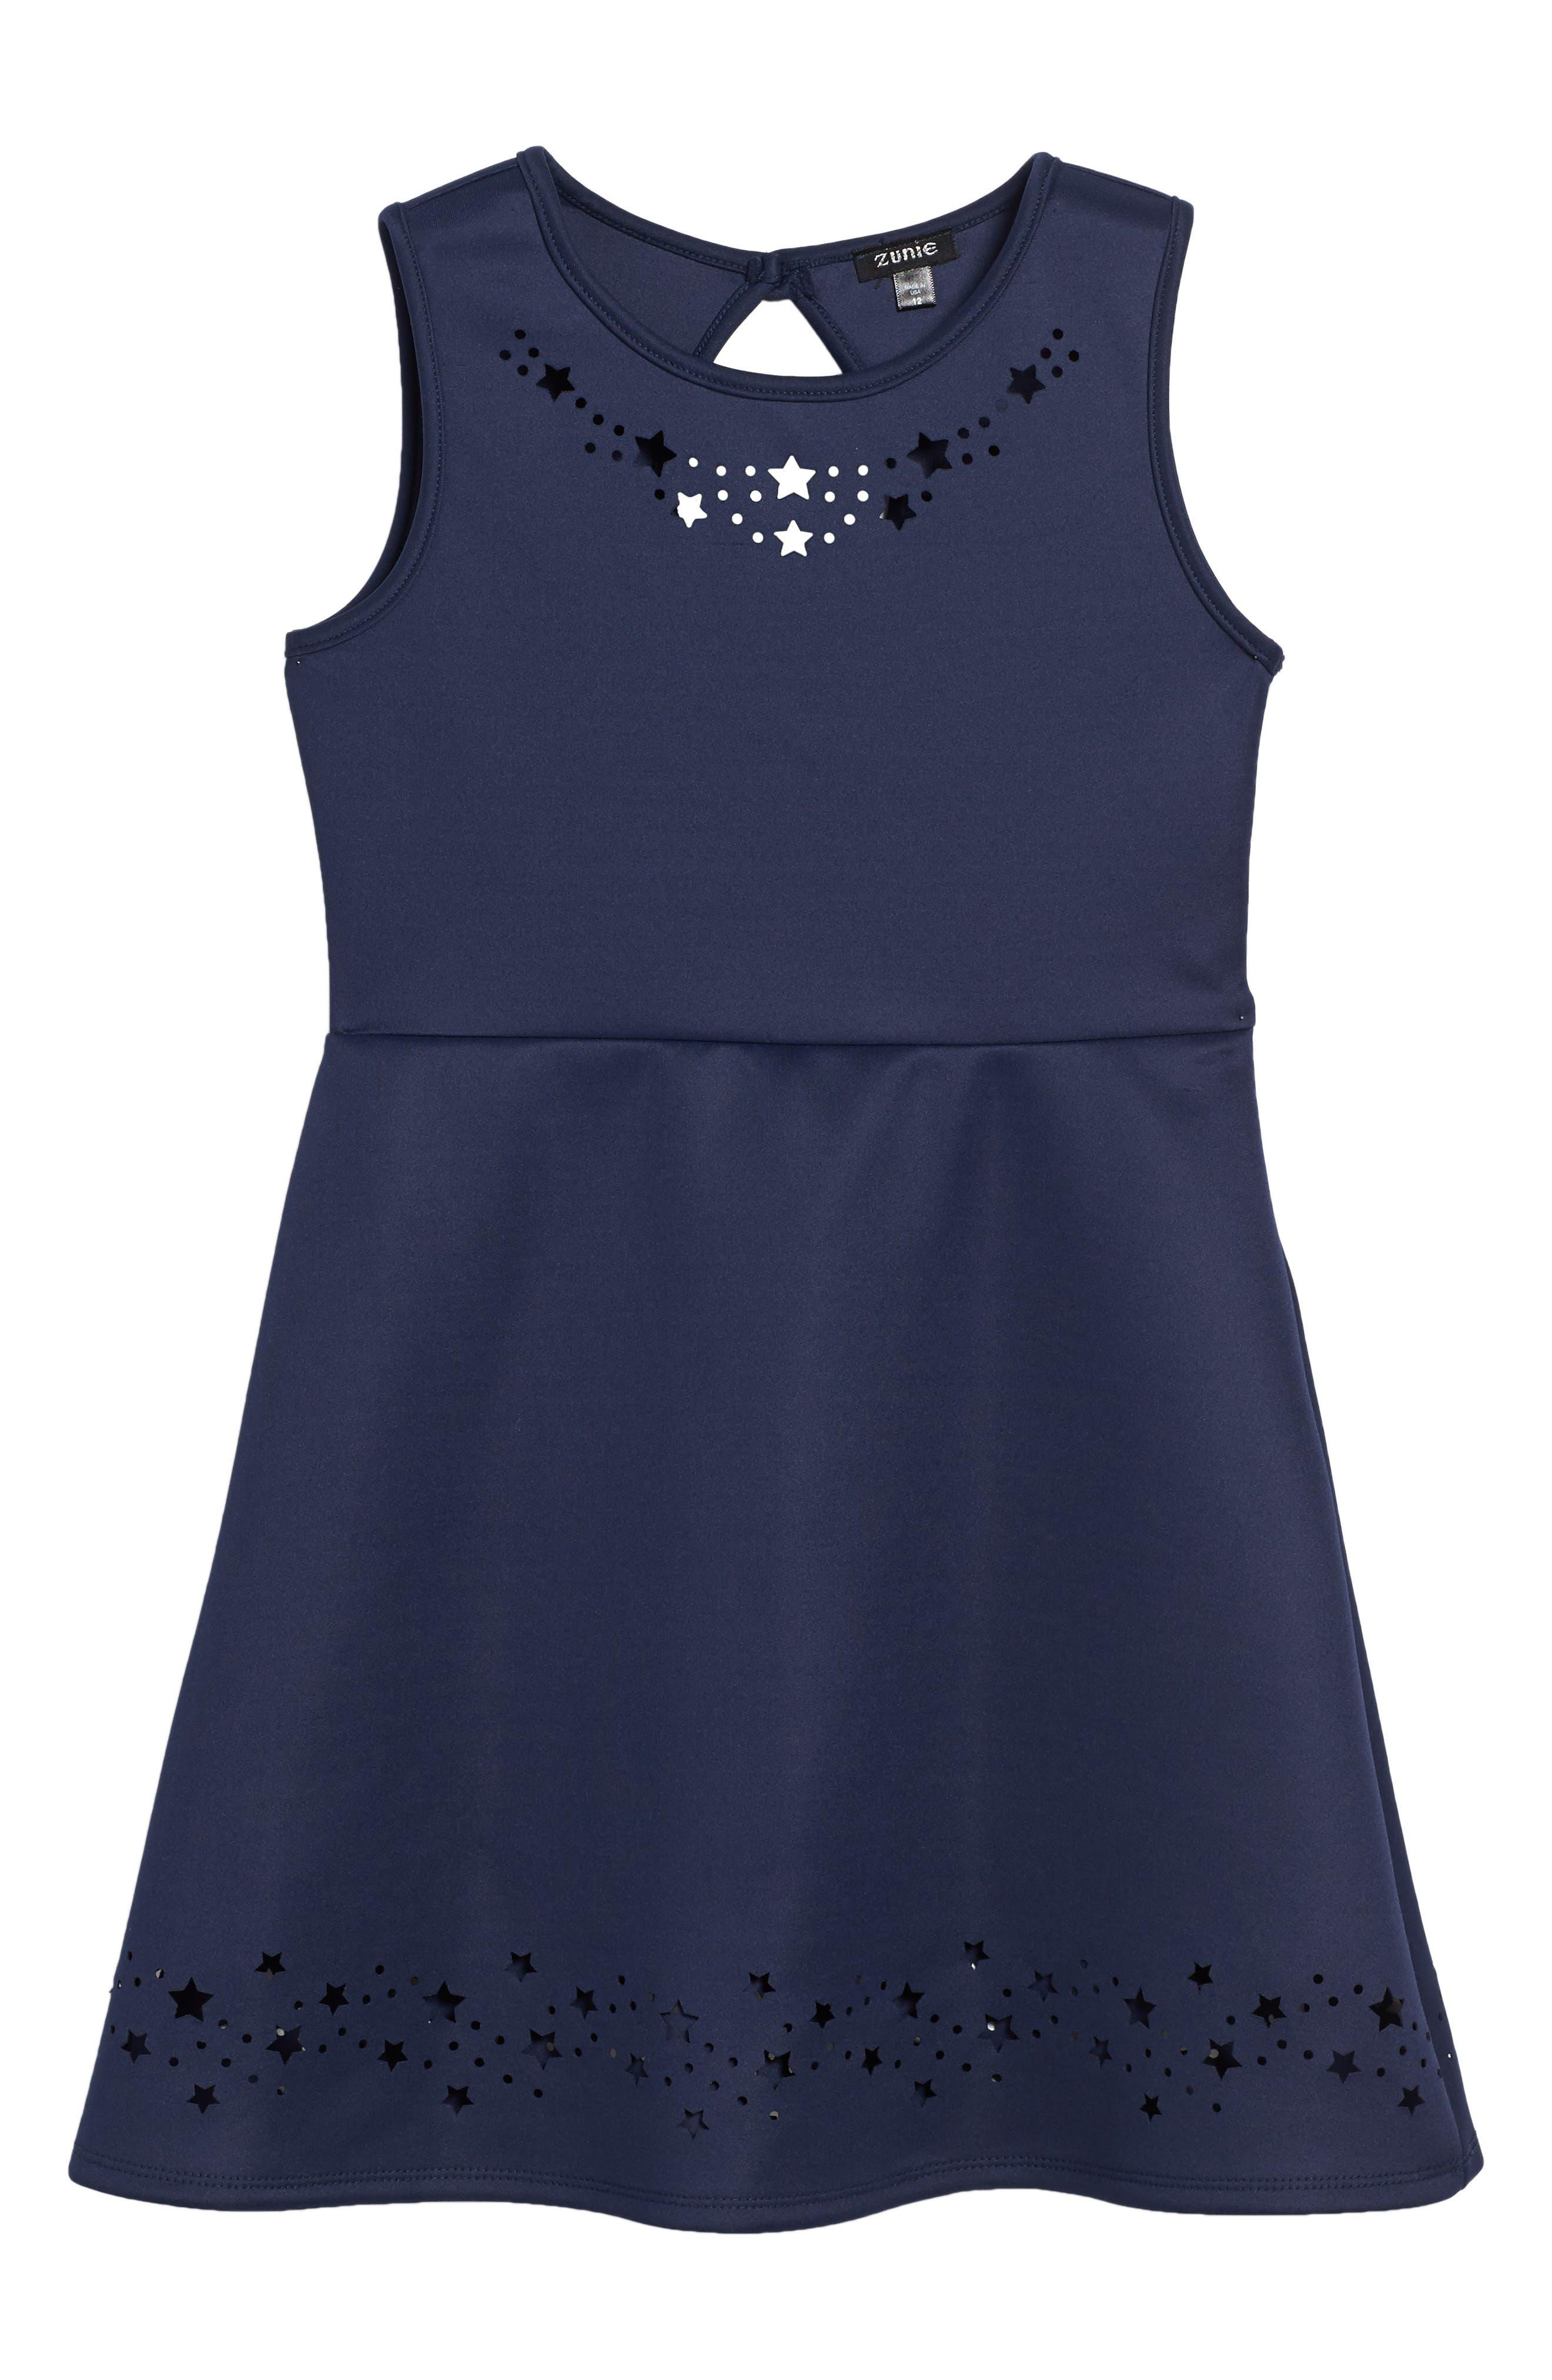 Main Image - Zunie Laser Star Cutout Scuba Tank Dress (Toddler Girls, Little Girls & Big Girls)